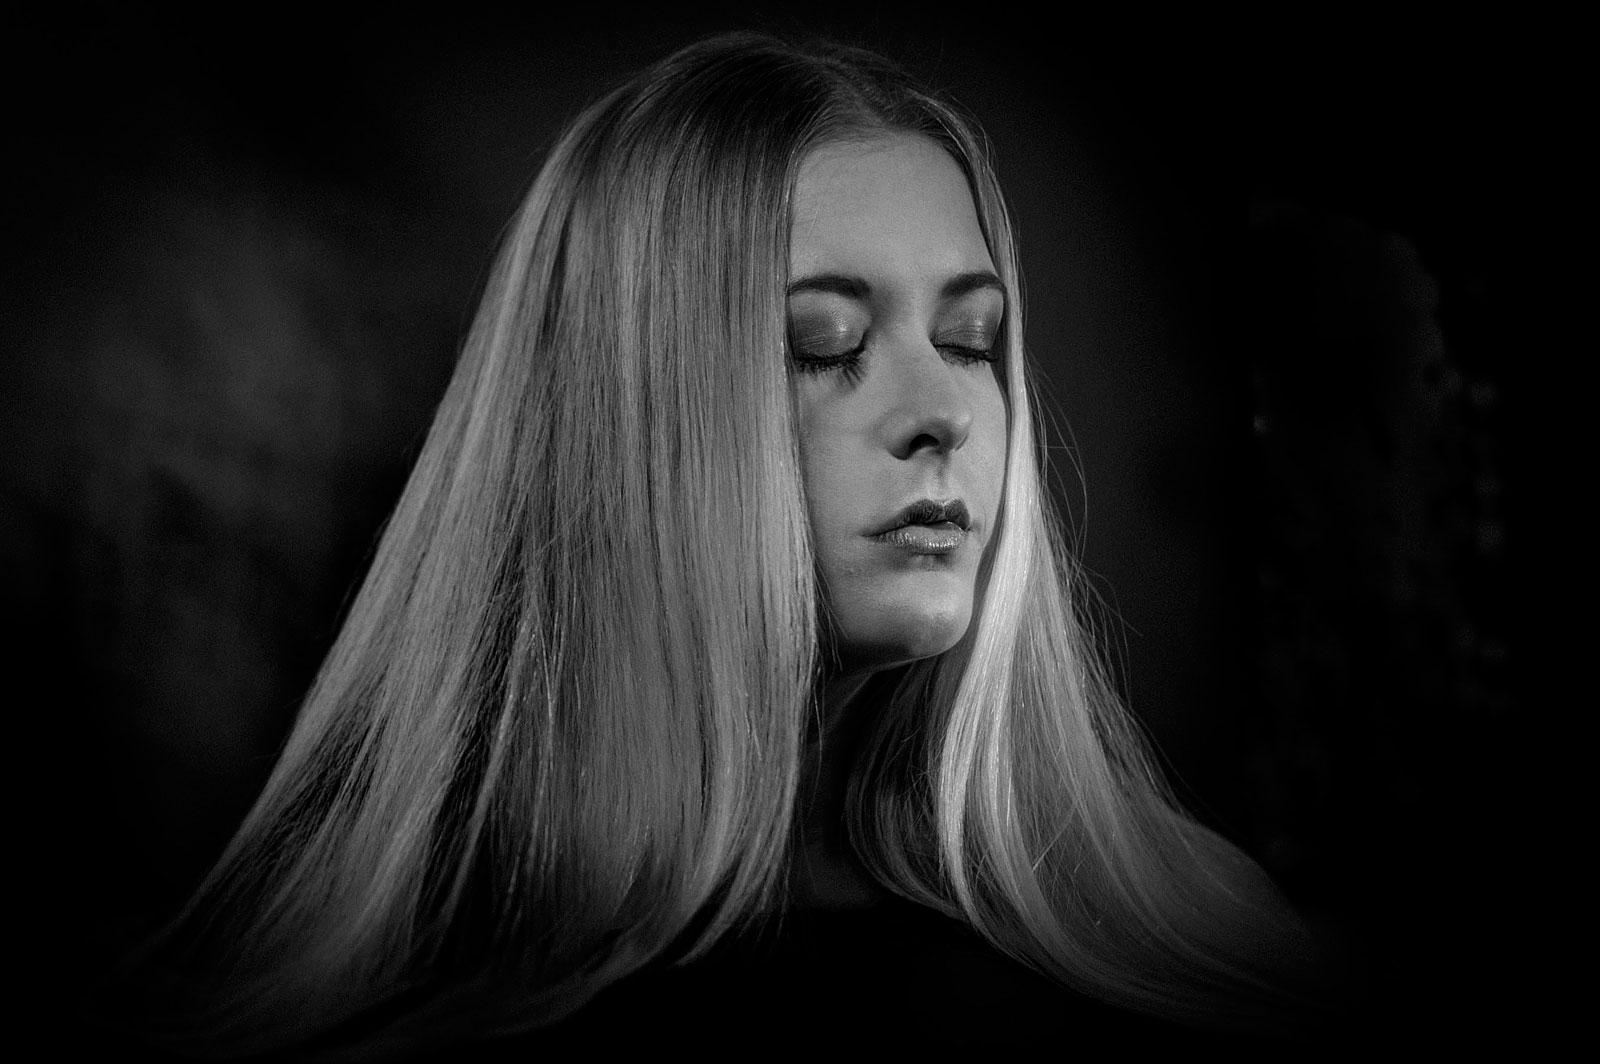 Foto van blonde vrouw met gesloten ogen